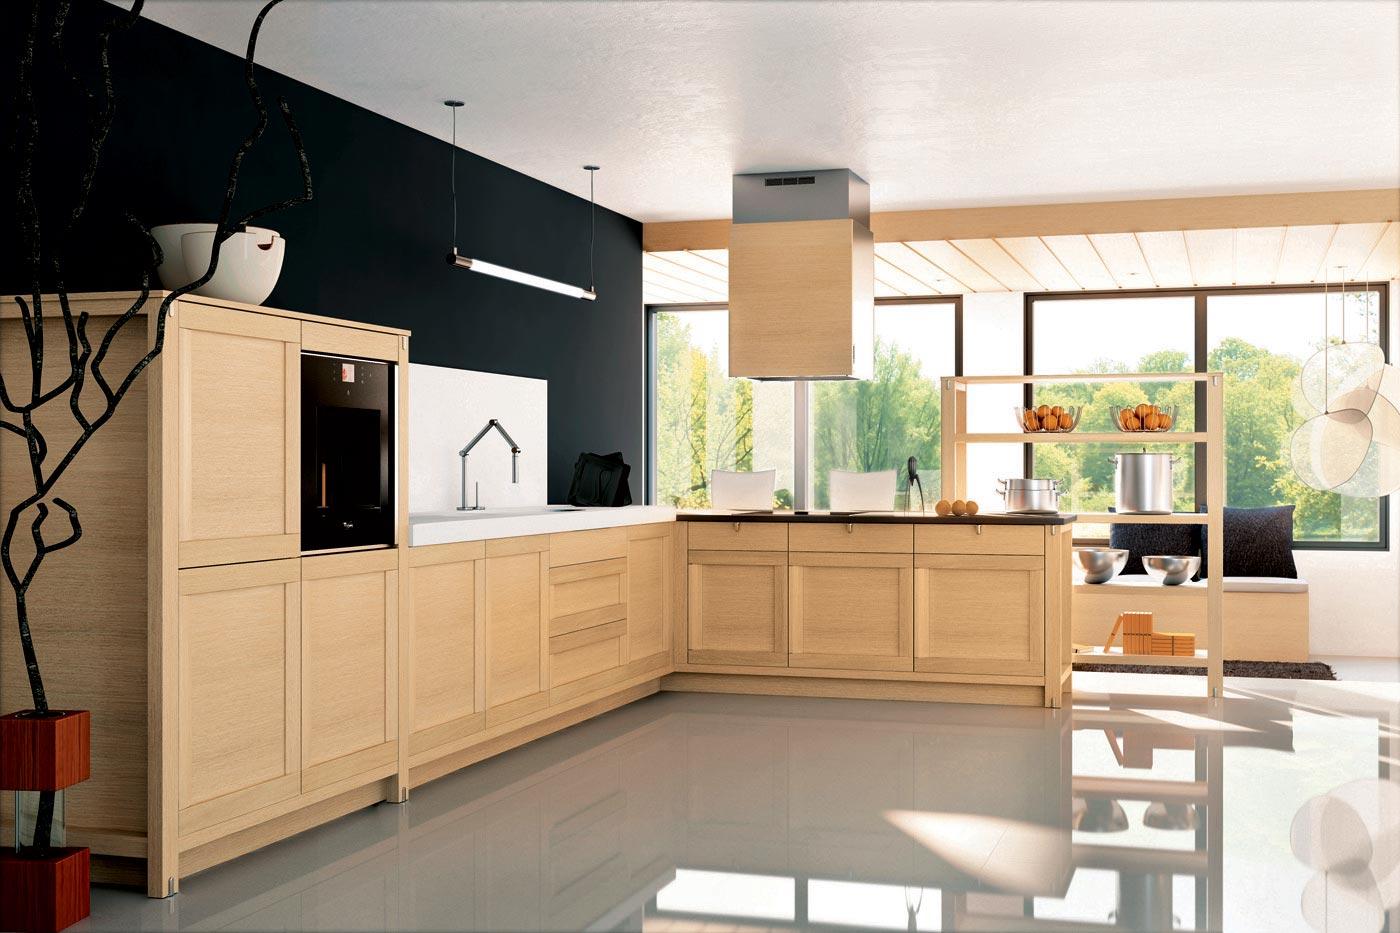 cuisine bois perene. Black Bedroom Furniture Sets. Home Design Ideas